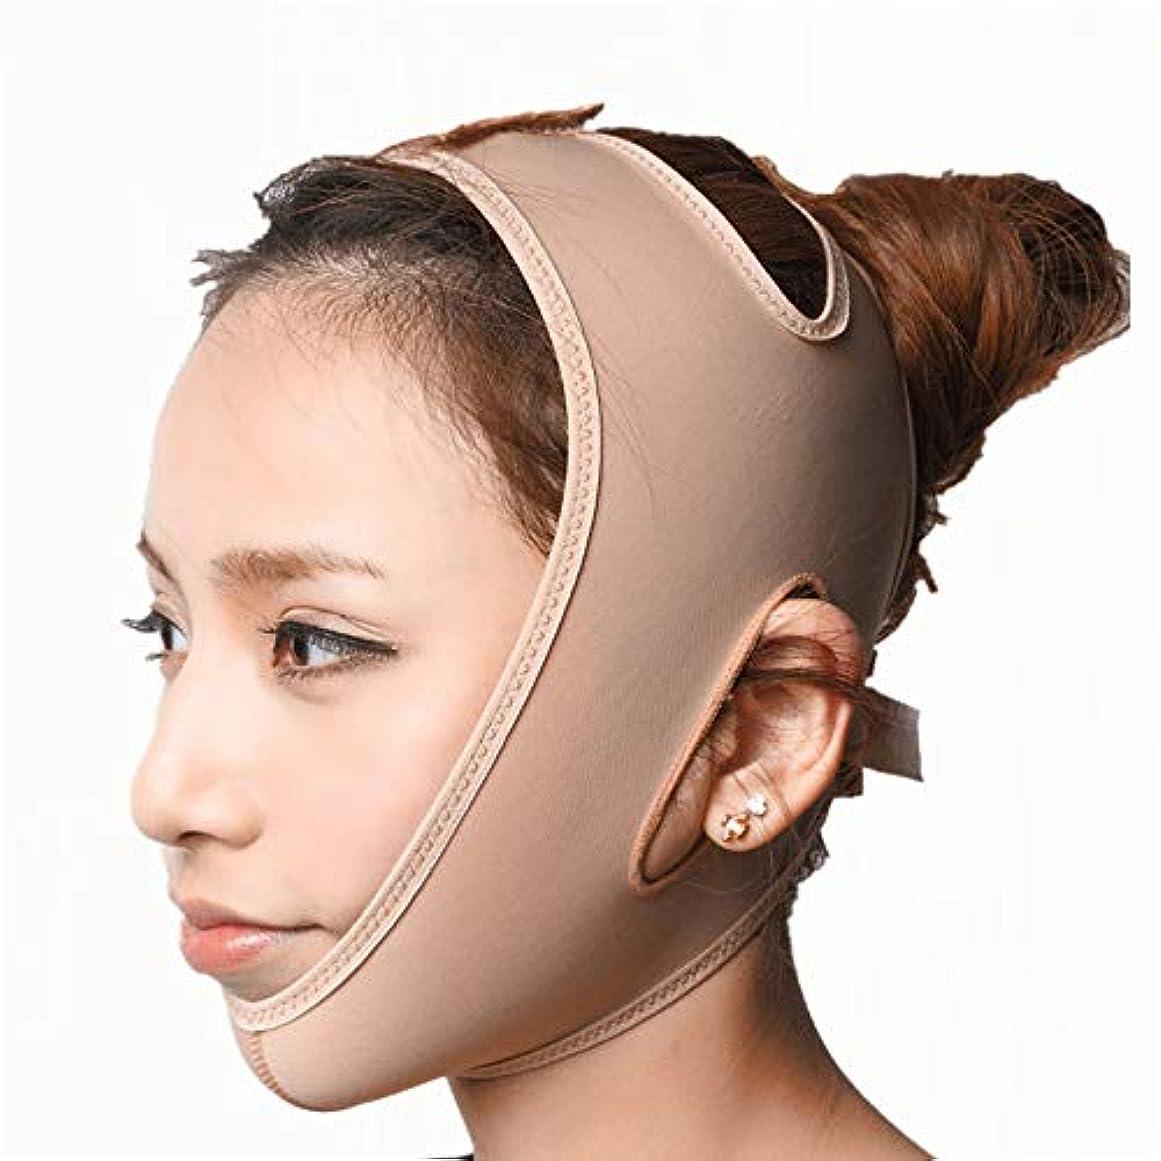 スプレー私たちのものポスターJia Jia- 顔の持ち上がる痩身ベルト - アンチエイジングリンクルフェイスマスクベルトシンフェイス包帯整形マスクは顔と首を締めますフェイススリム 顔面包帯 (サイズ さいず : M)